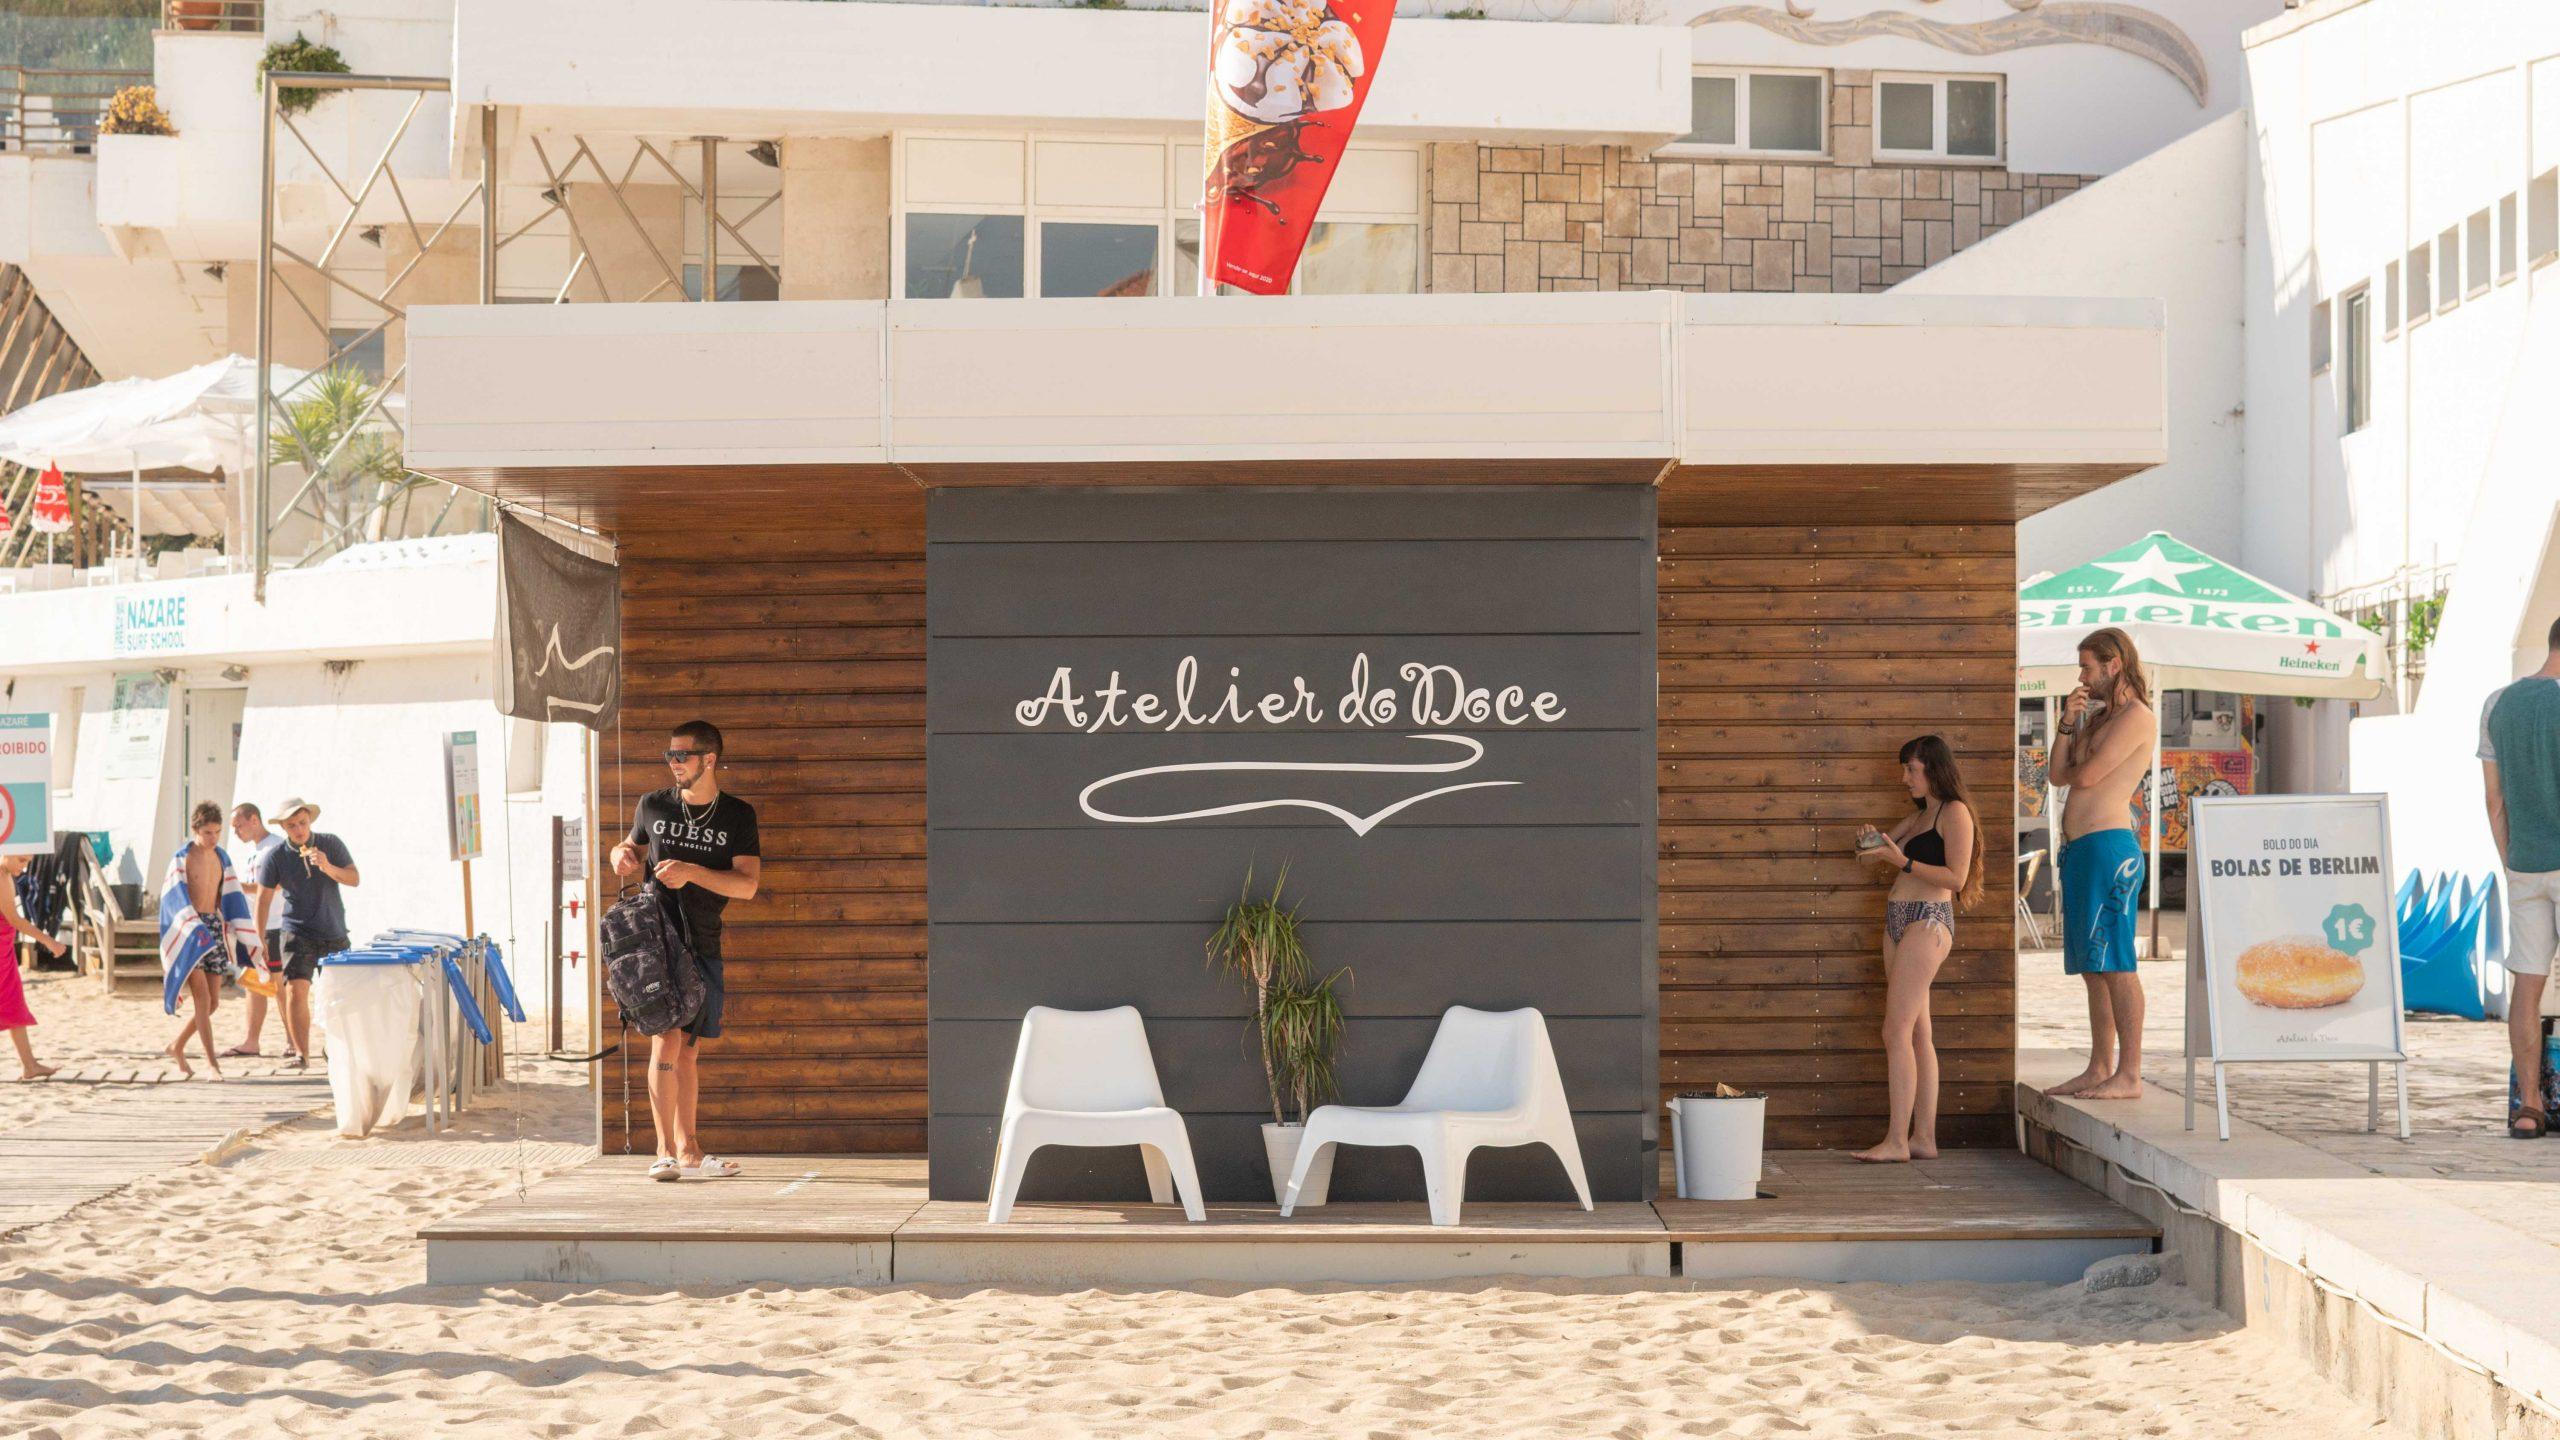 quiosque-nazare-bola-berlim-praia-atelier-do-doce-alfeizerao-pastelaria-doces-conventuais